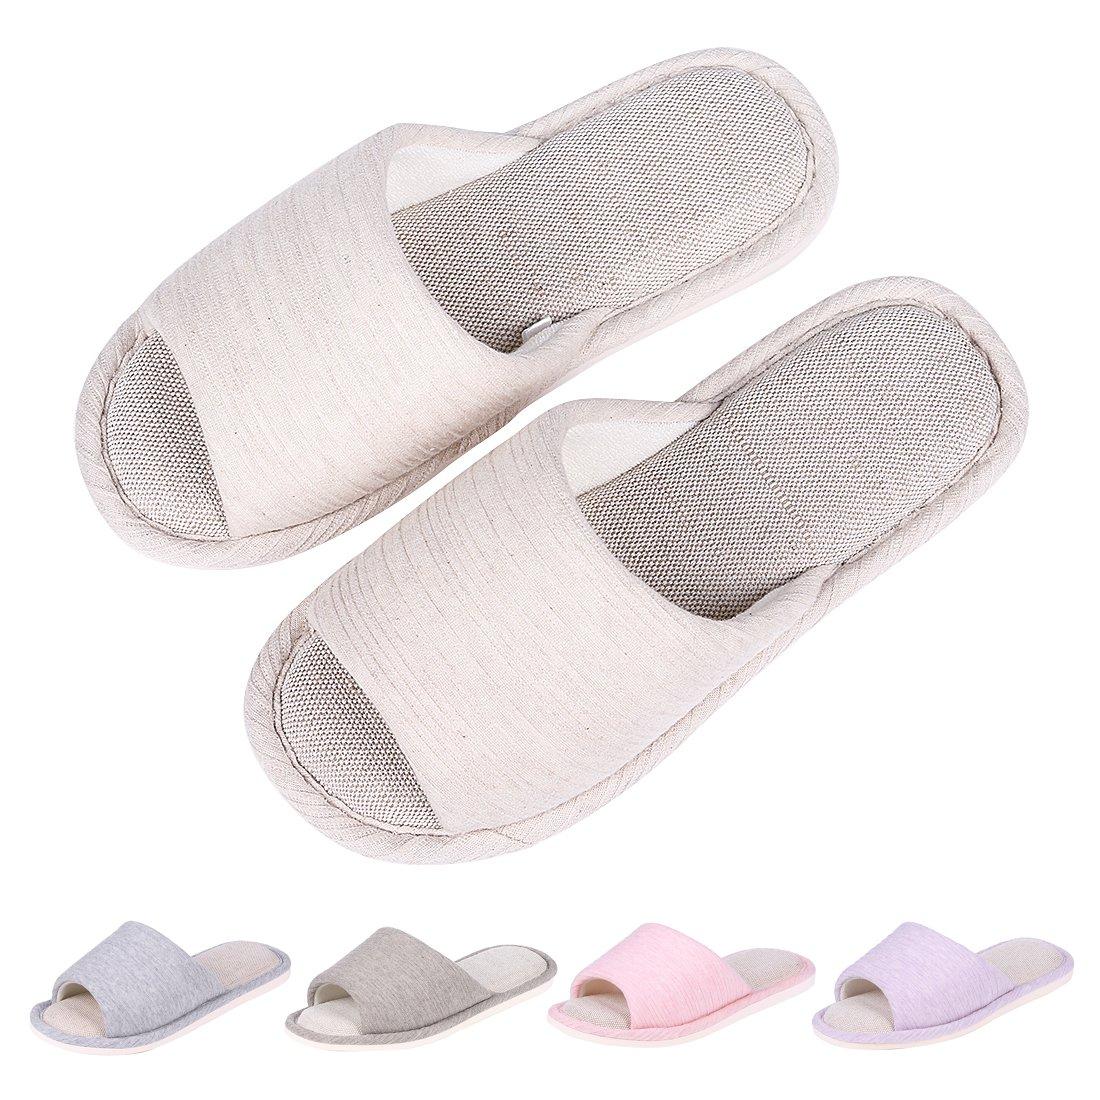 Women's Memory Foam House Slippers Summer Linen Home Shoes Open Toe Slip on Cotton House Slippers BG-L